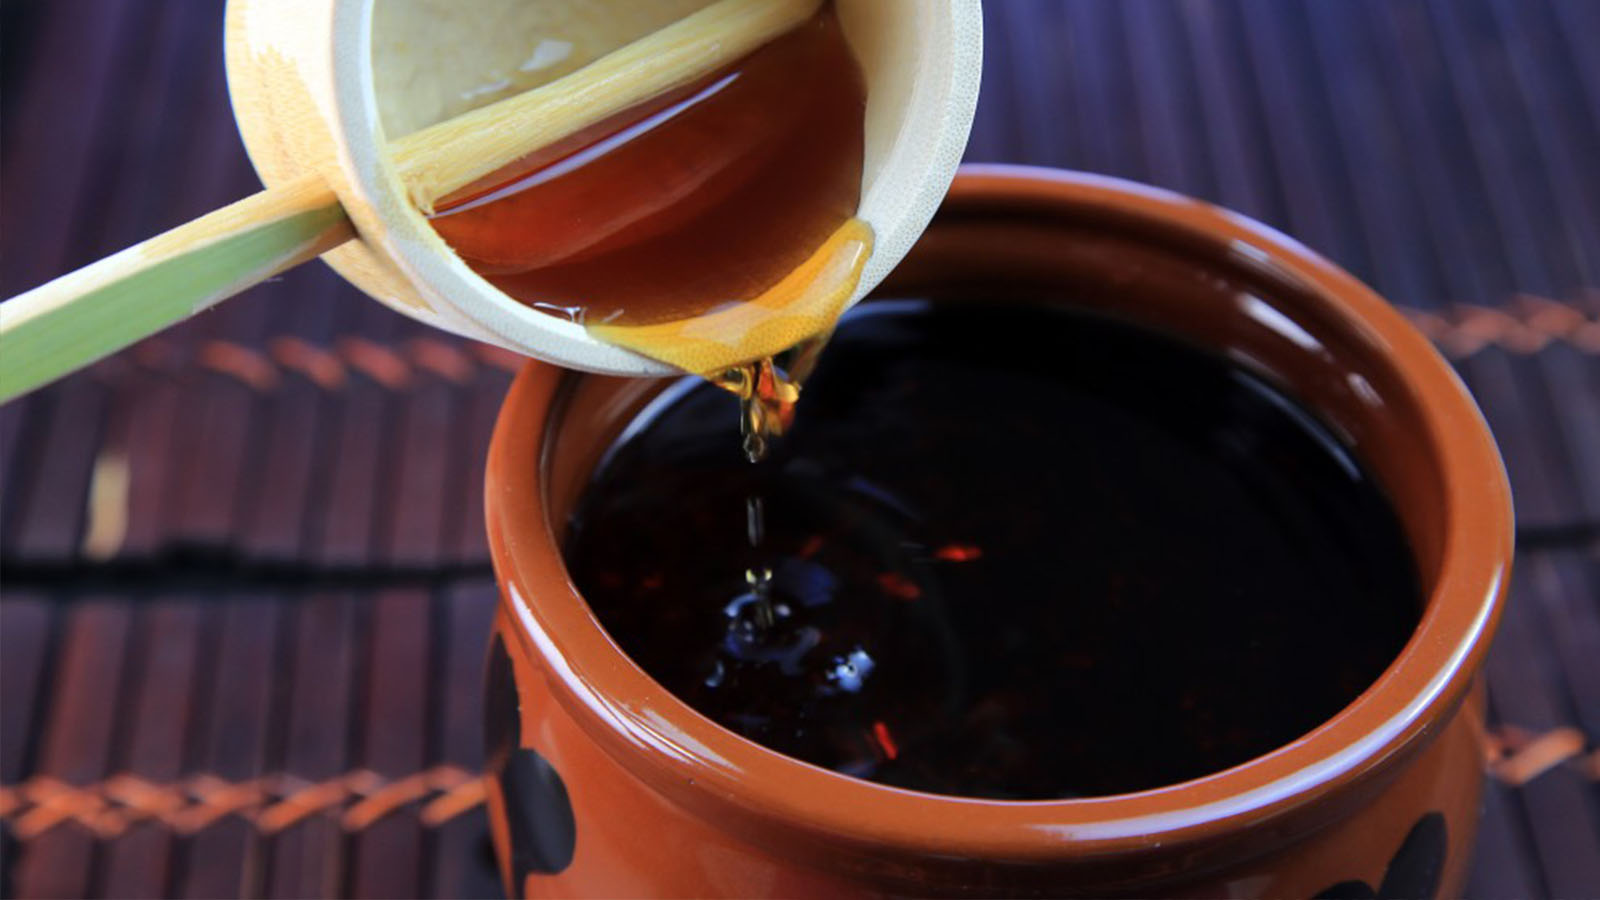 酢ダイエットは飲むタイミング+運動を取り入れることで効率的に痩せられる!